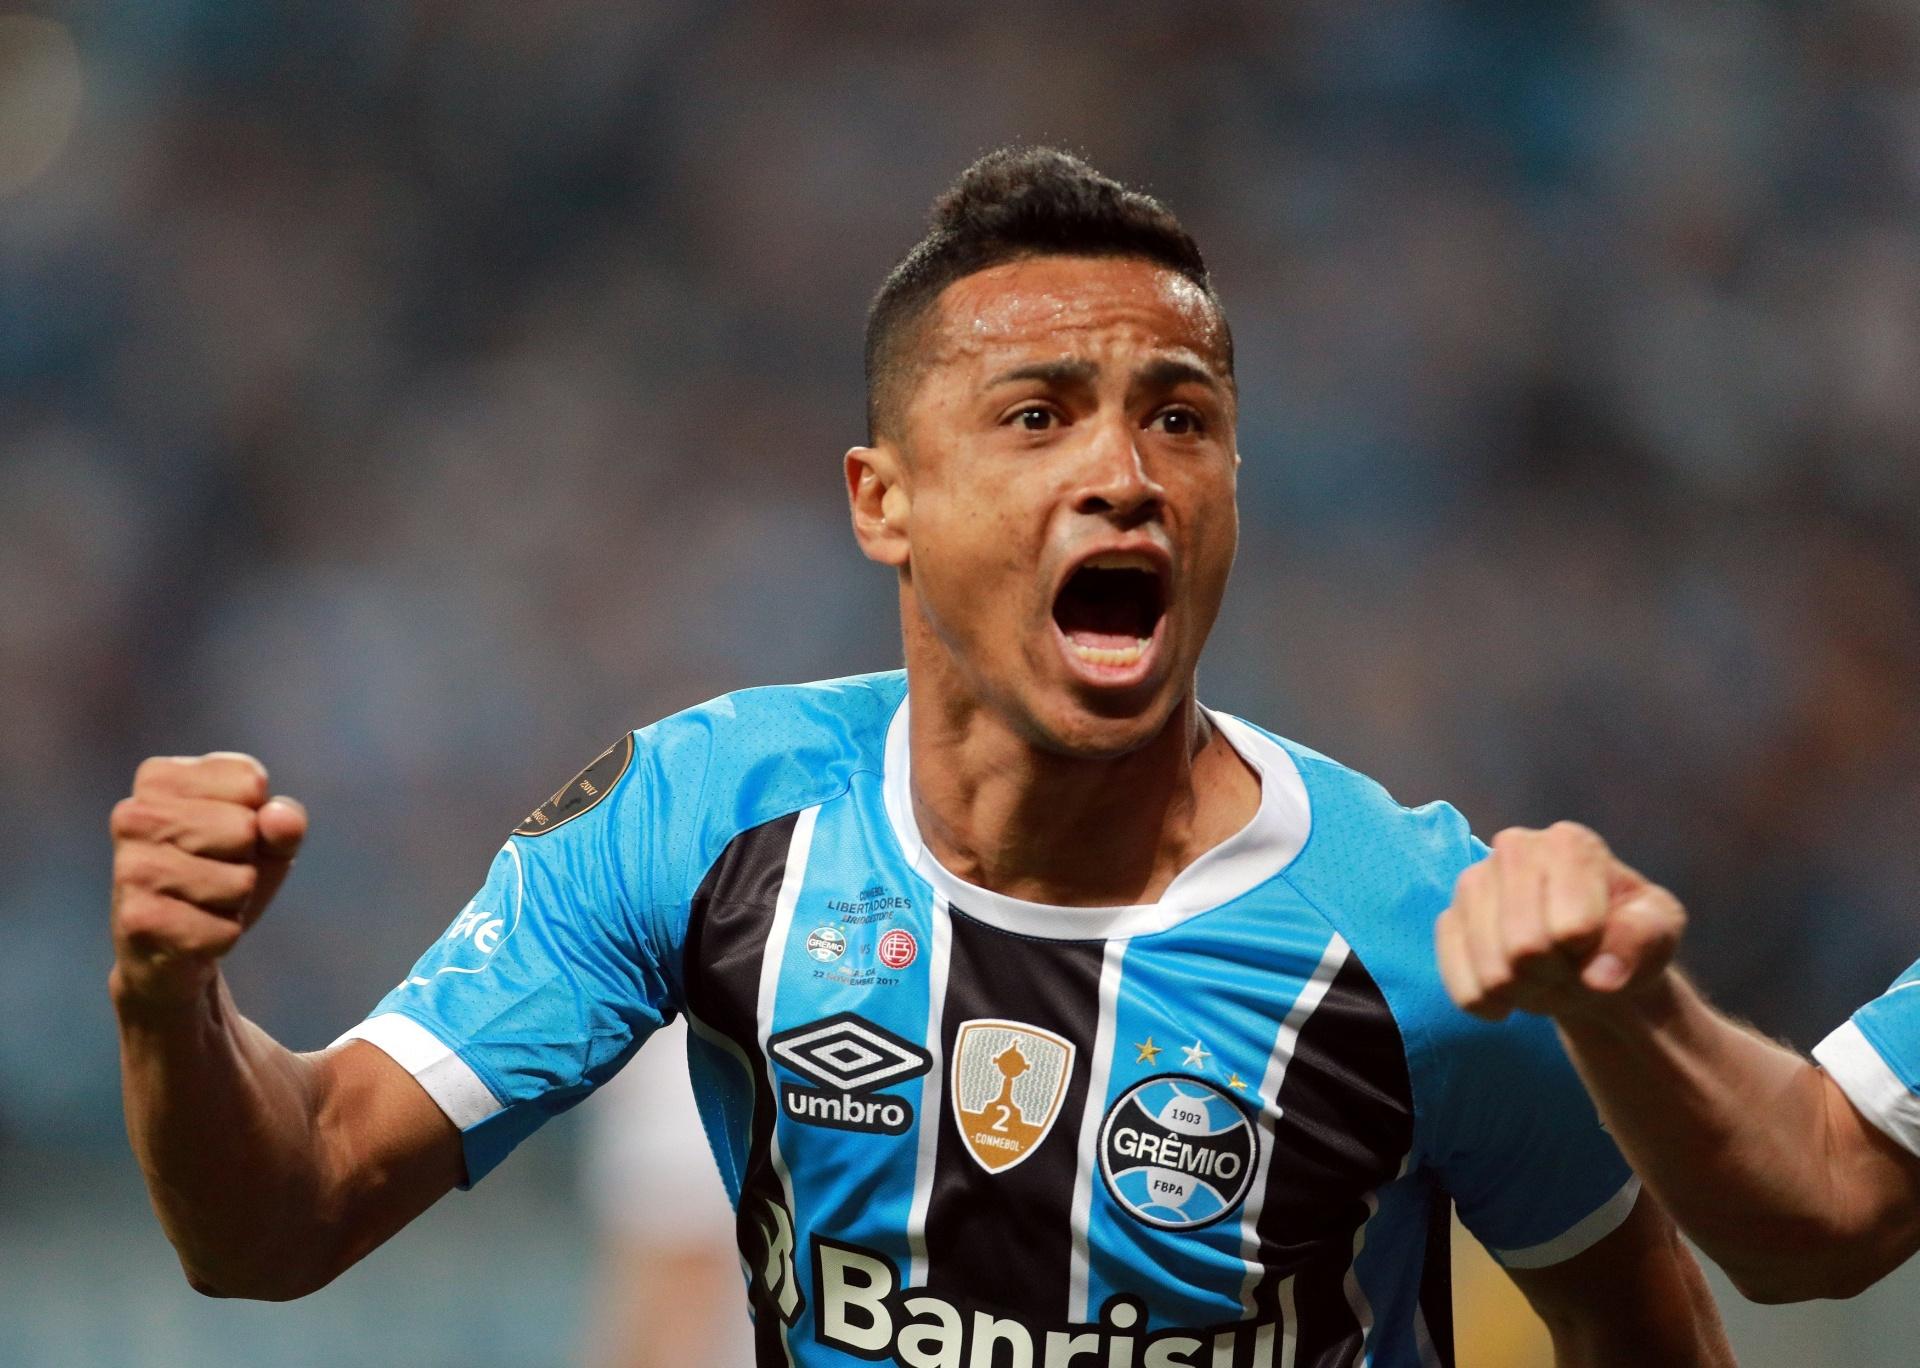 Cícero se apoia em cláusula de número de jogos para renovar com Grêmio -  25 12 2018 - UOL Esporte a251dfff37594